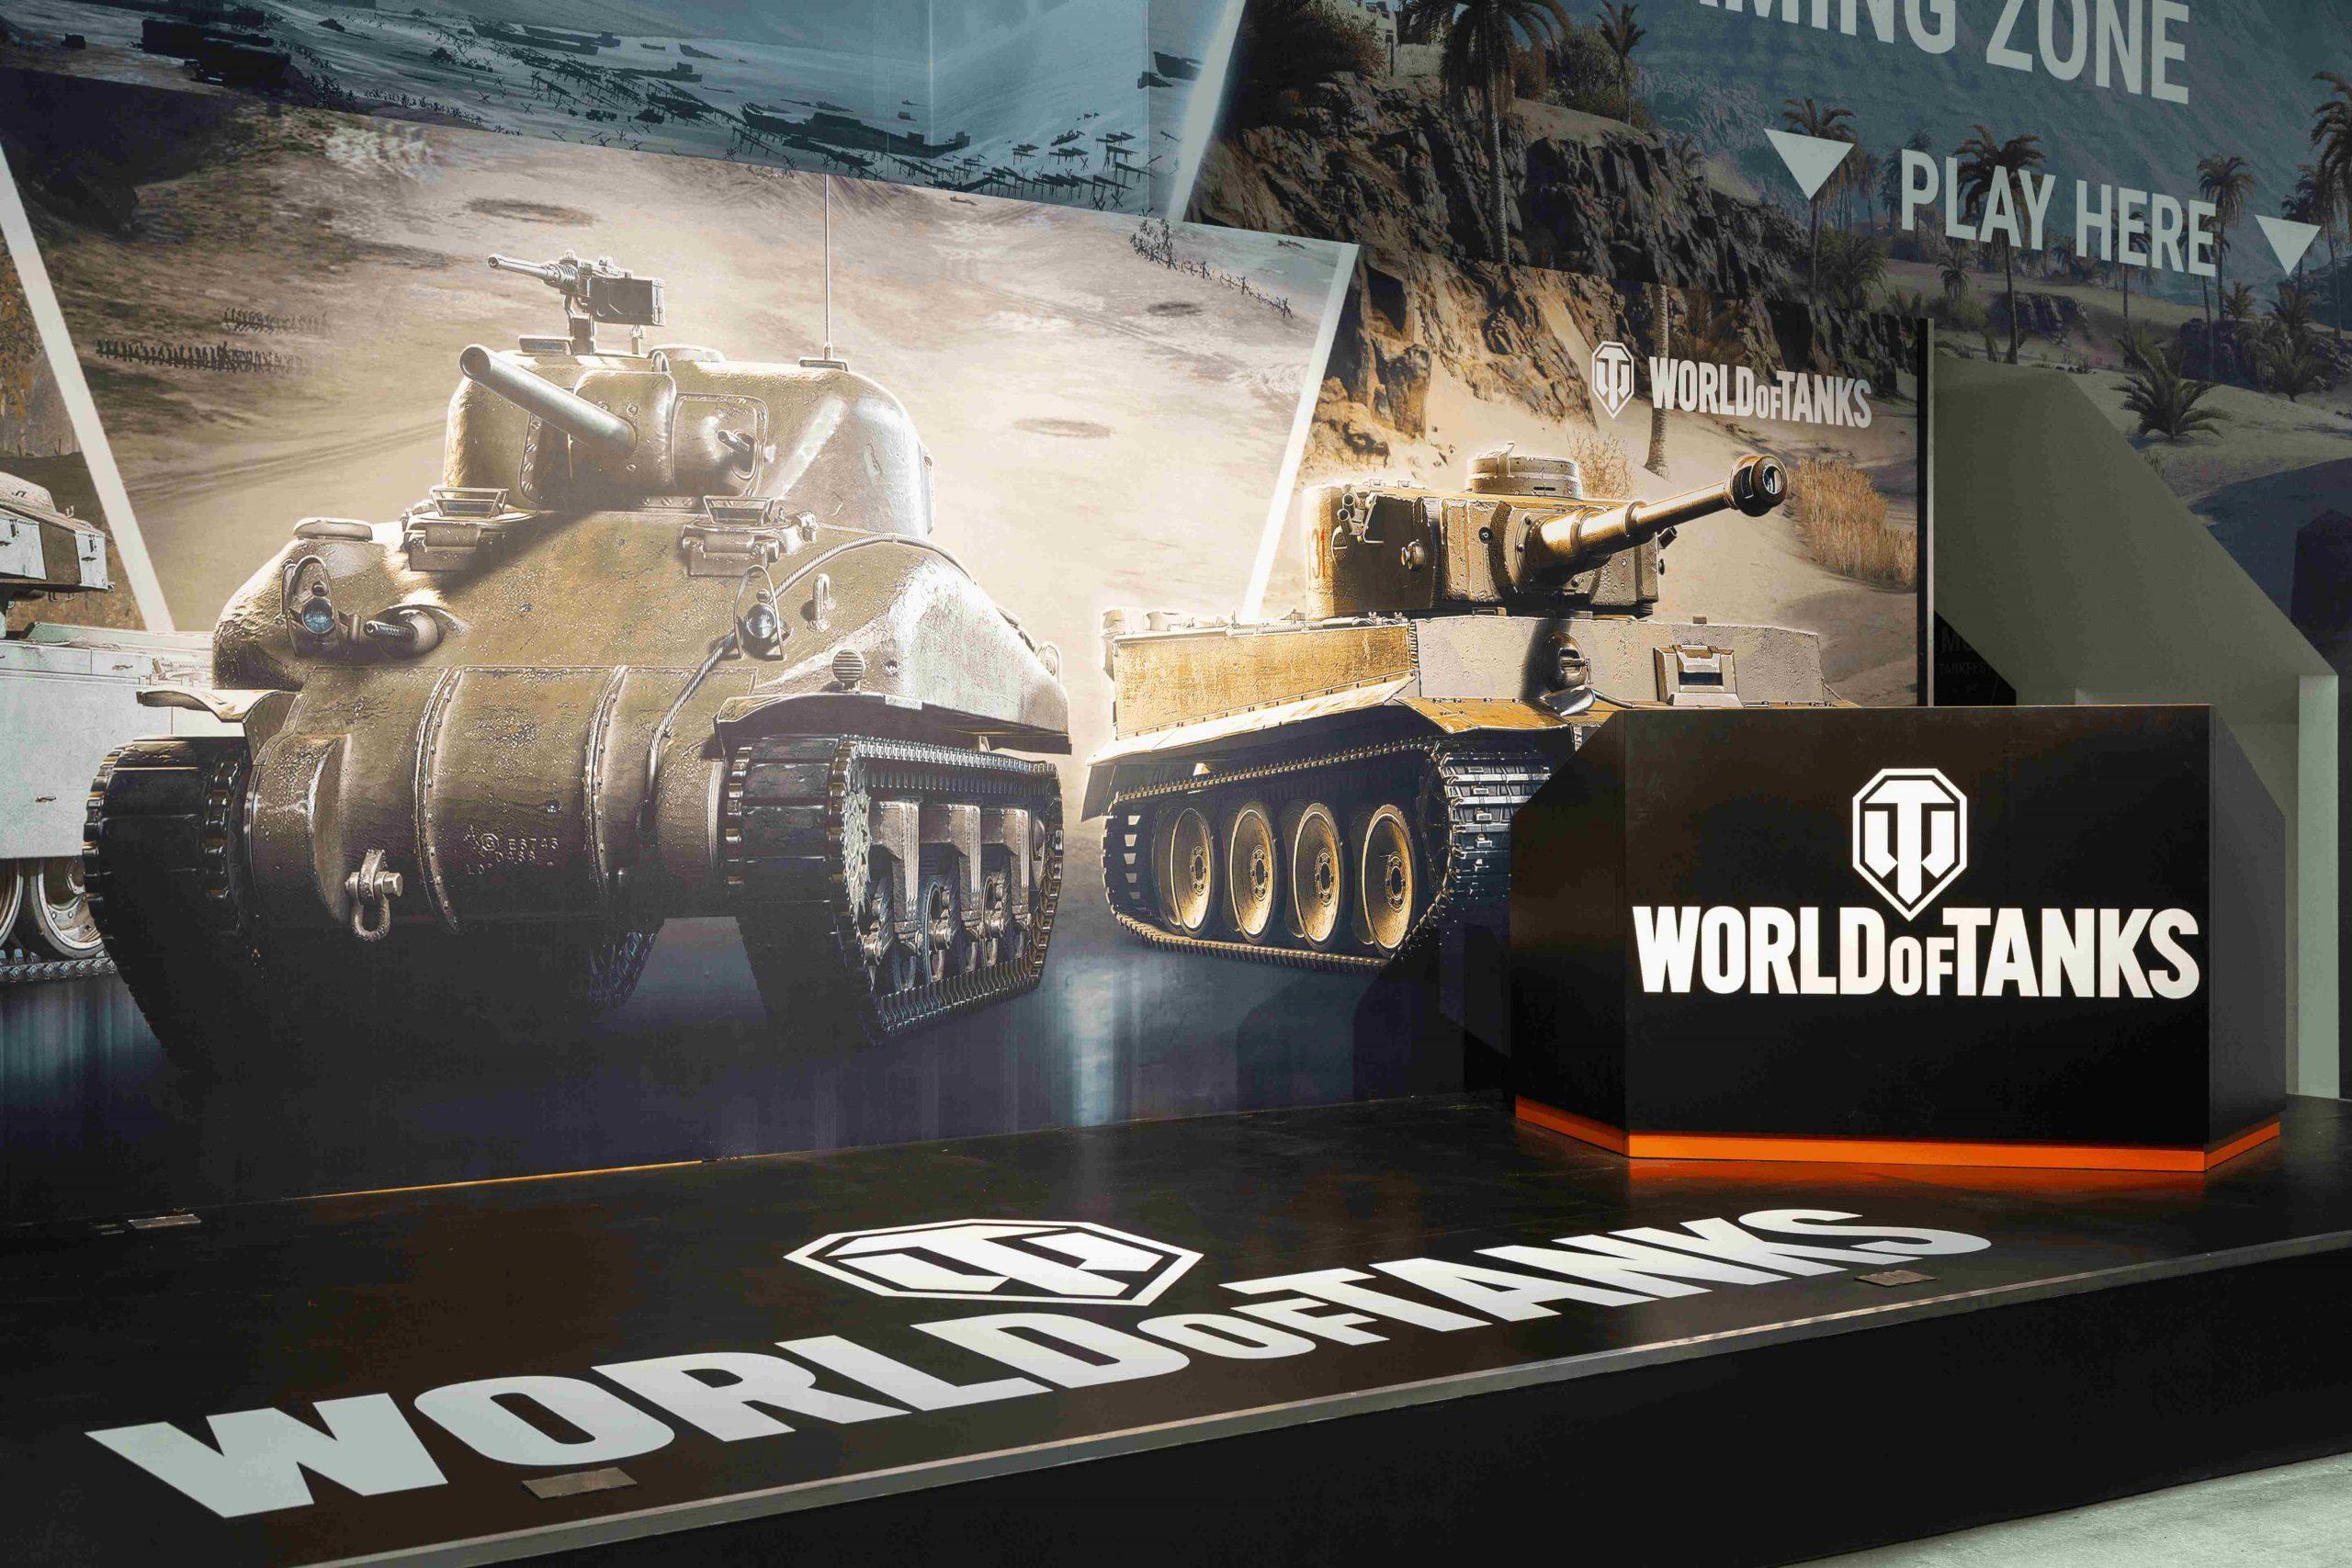 world_of_tanks_gaming_zone_the_tank_museum_screenshot_7